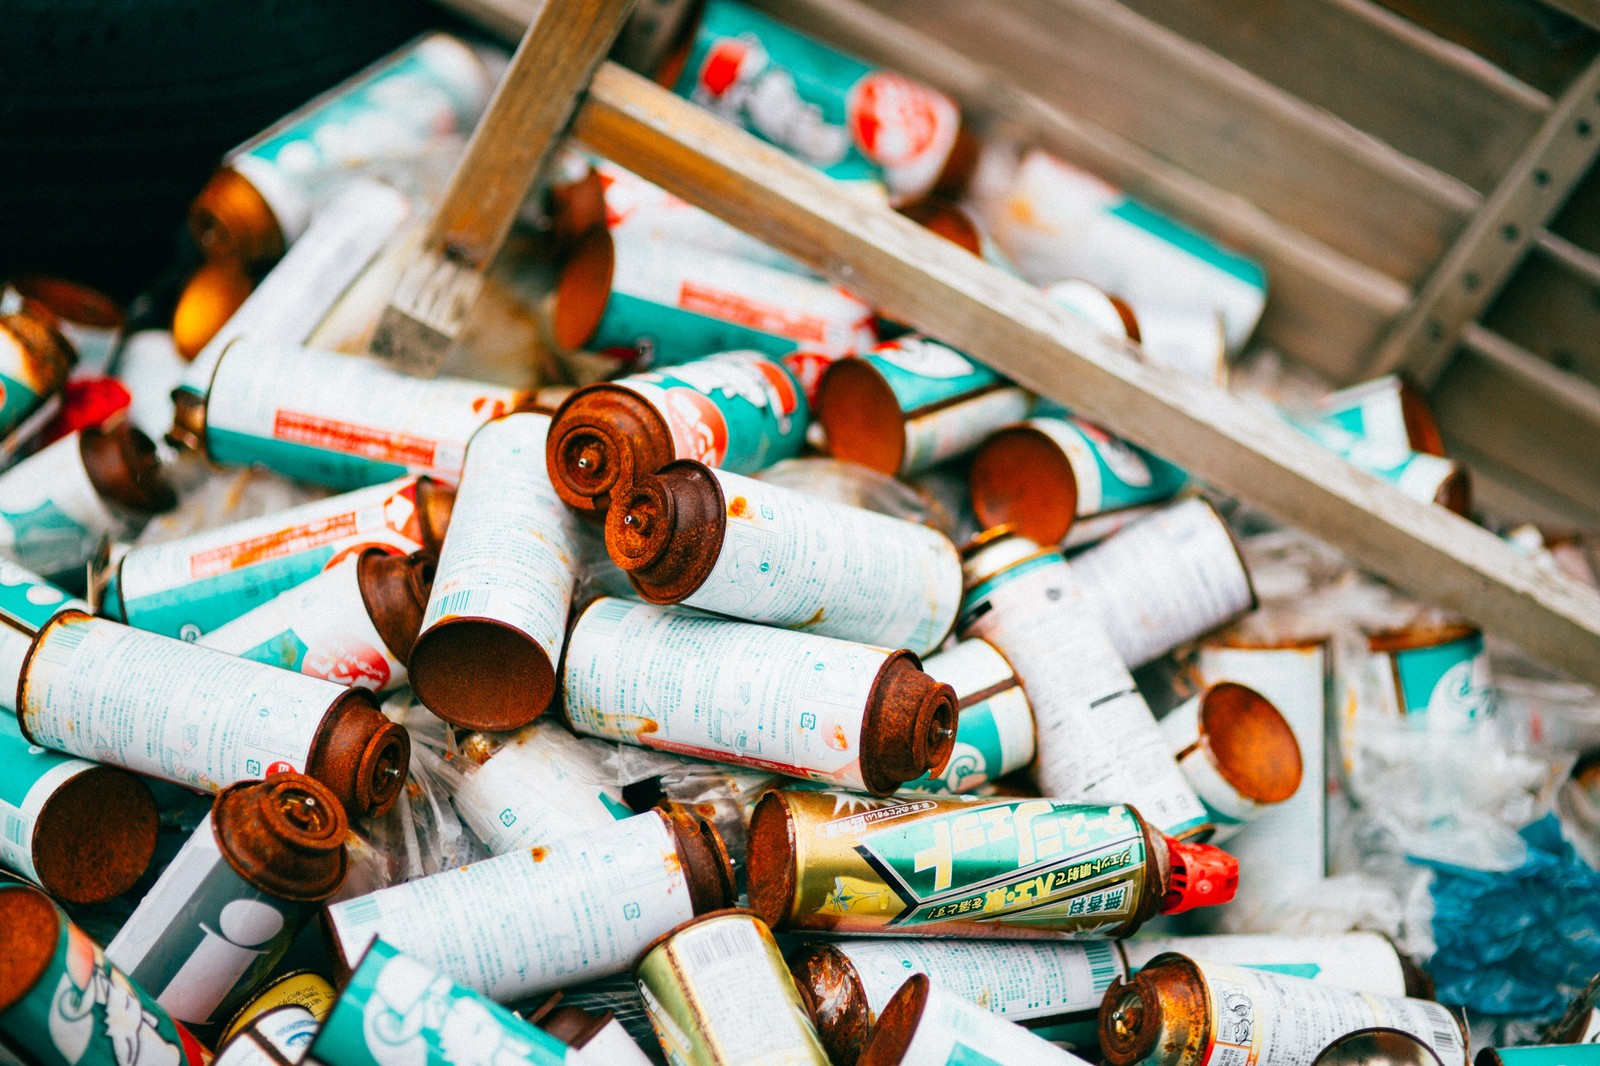 「不法投棄されたスプレー缶」の写真